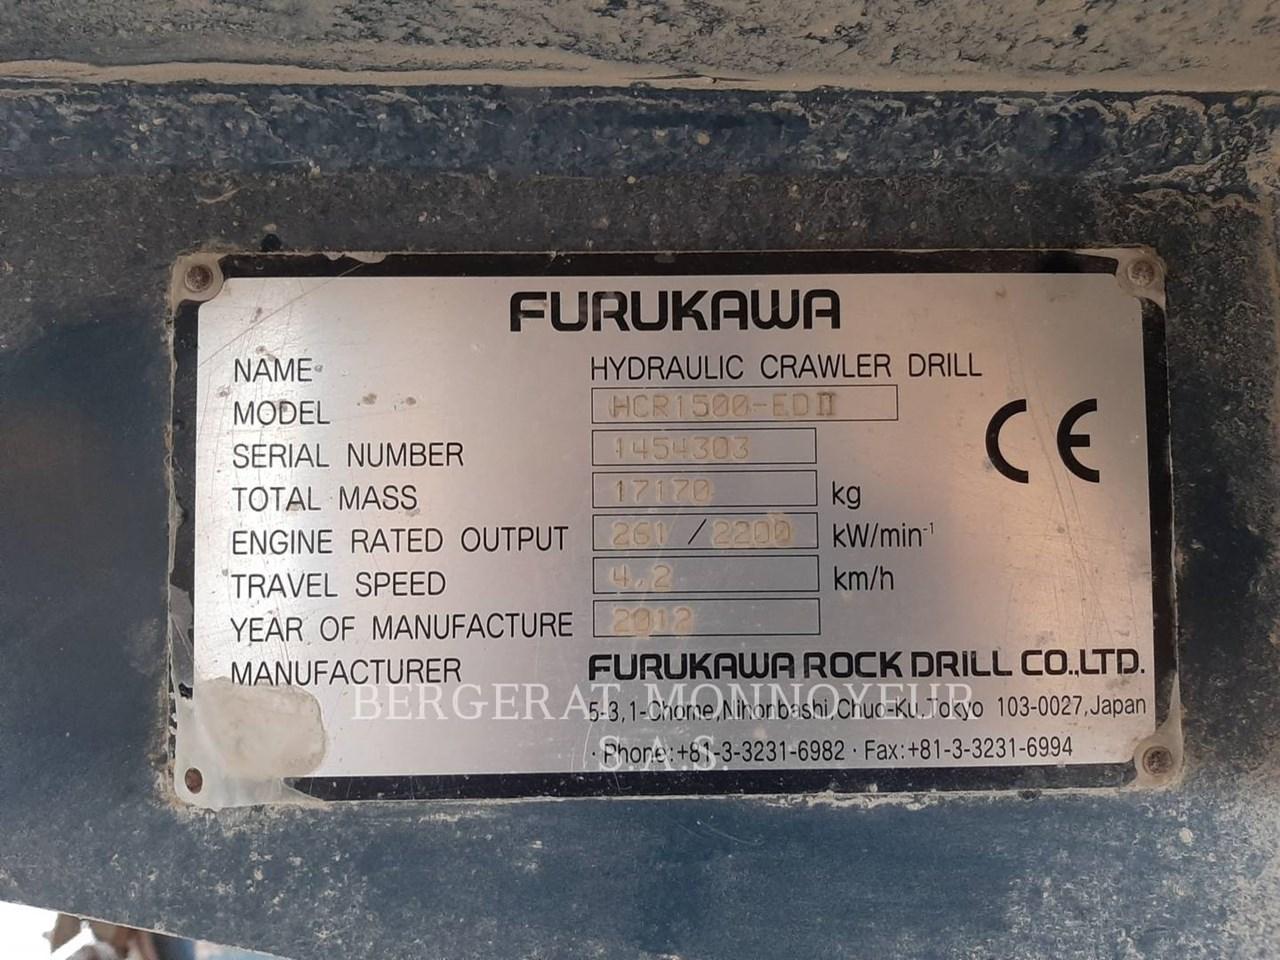 2012 Furukawa HCR1500 Image 4